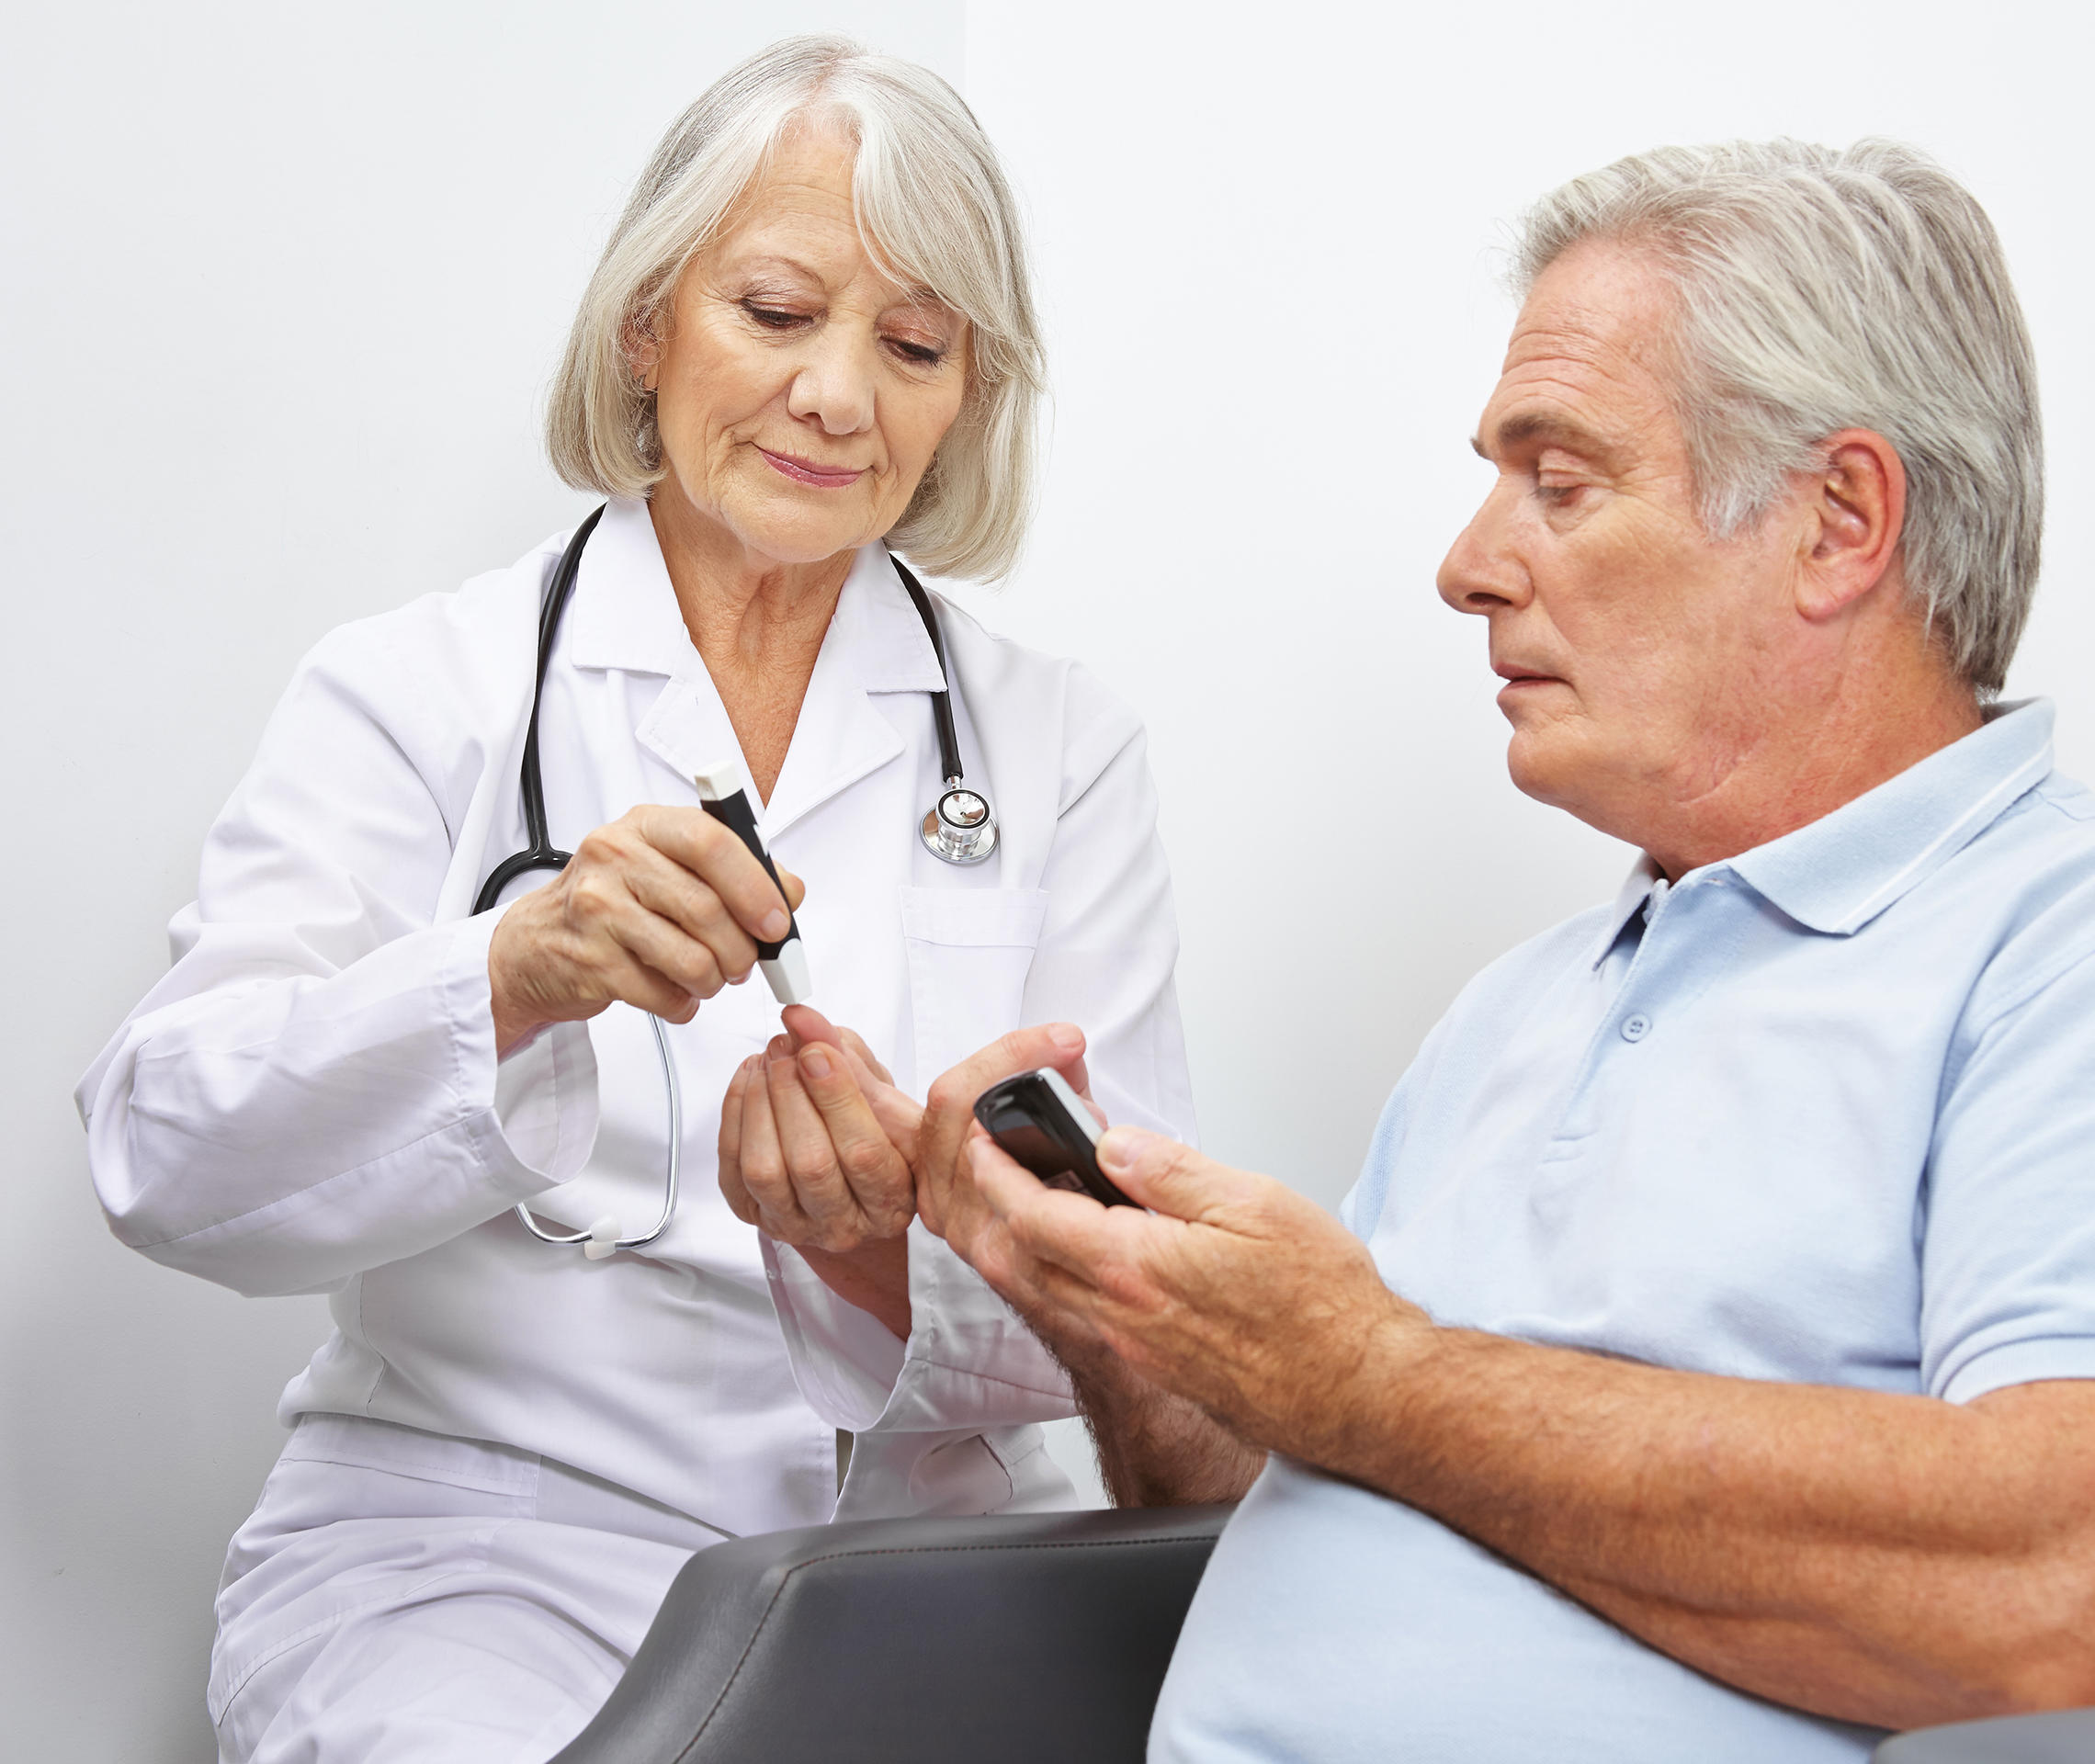 herzinfarkt ursache síntomas de diabetes